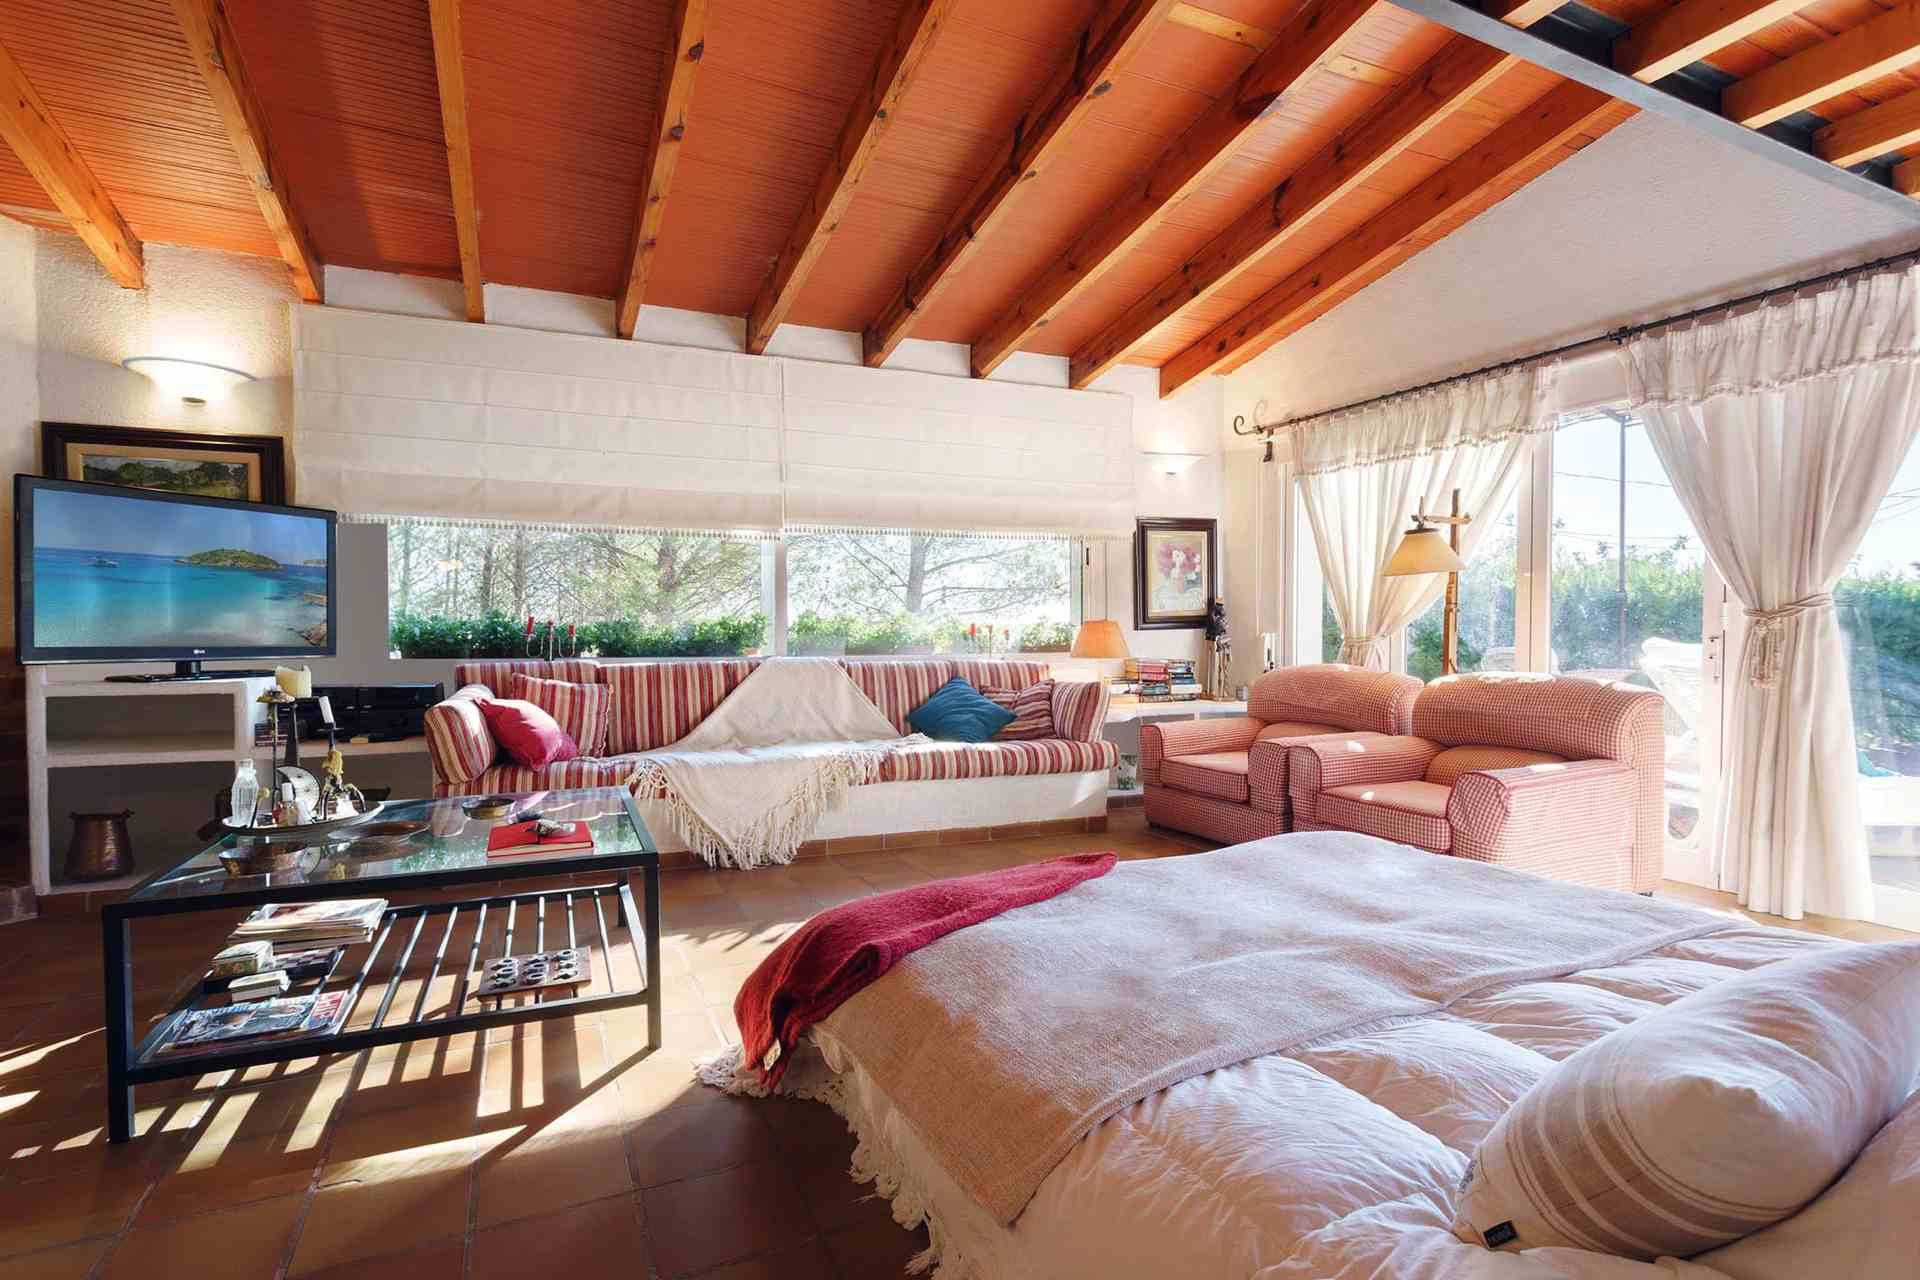 01-287 cozy Finca North Mallorca Bild 17